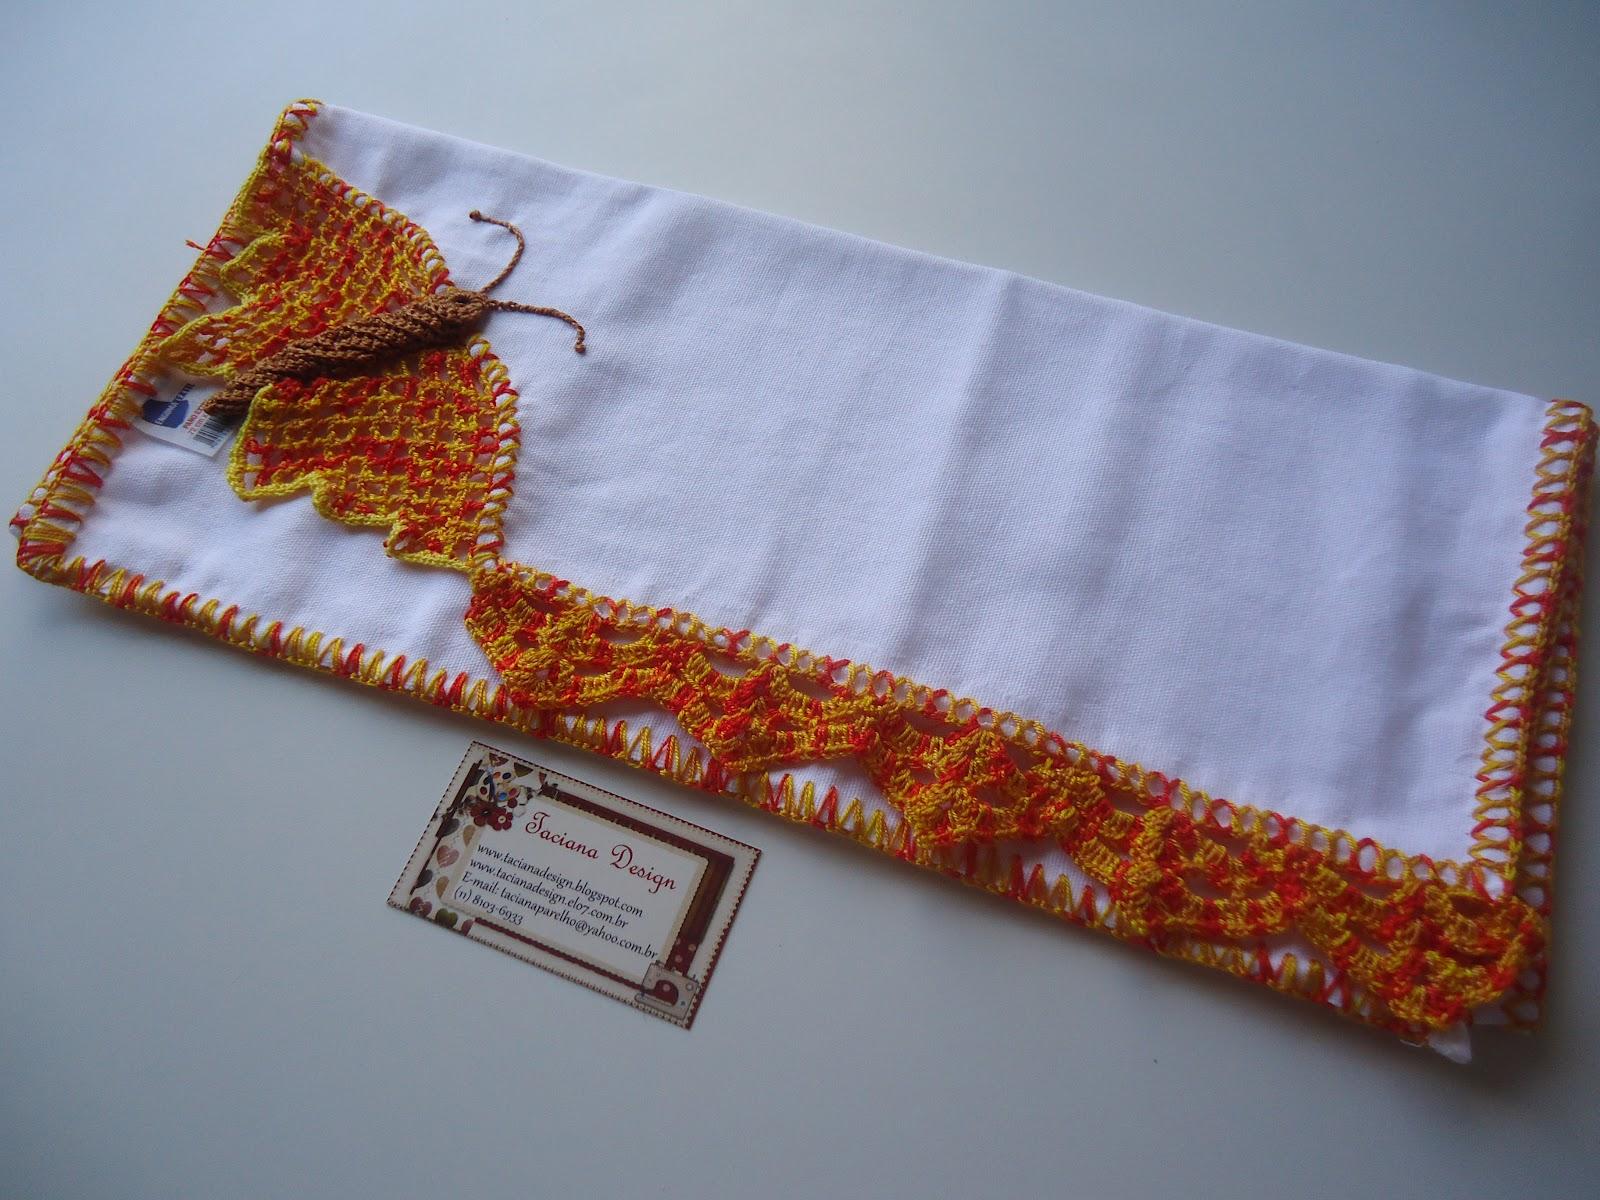 Taciana Design: Pano de prato com borboleta de crochê